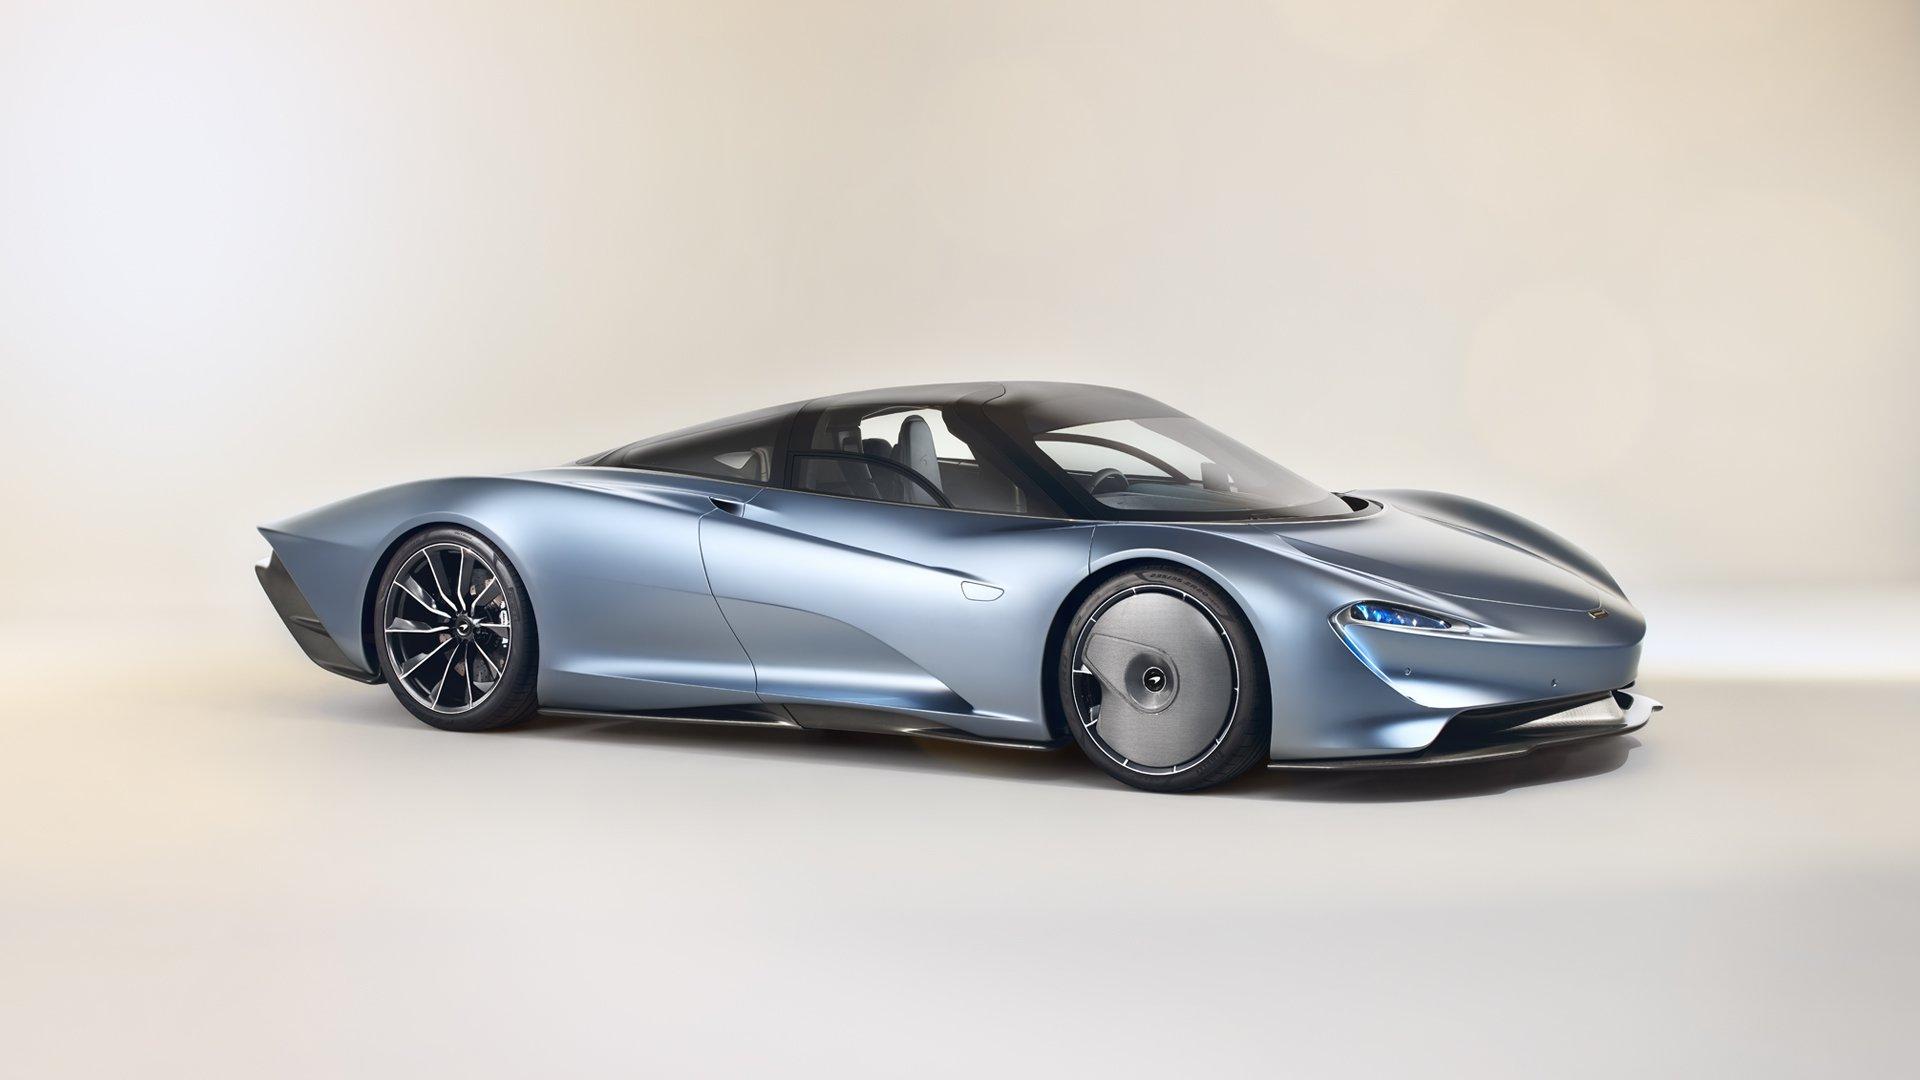 Diamond Collective McLaren speedtail blog post image five